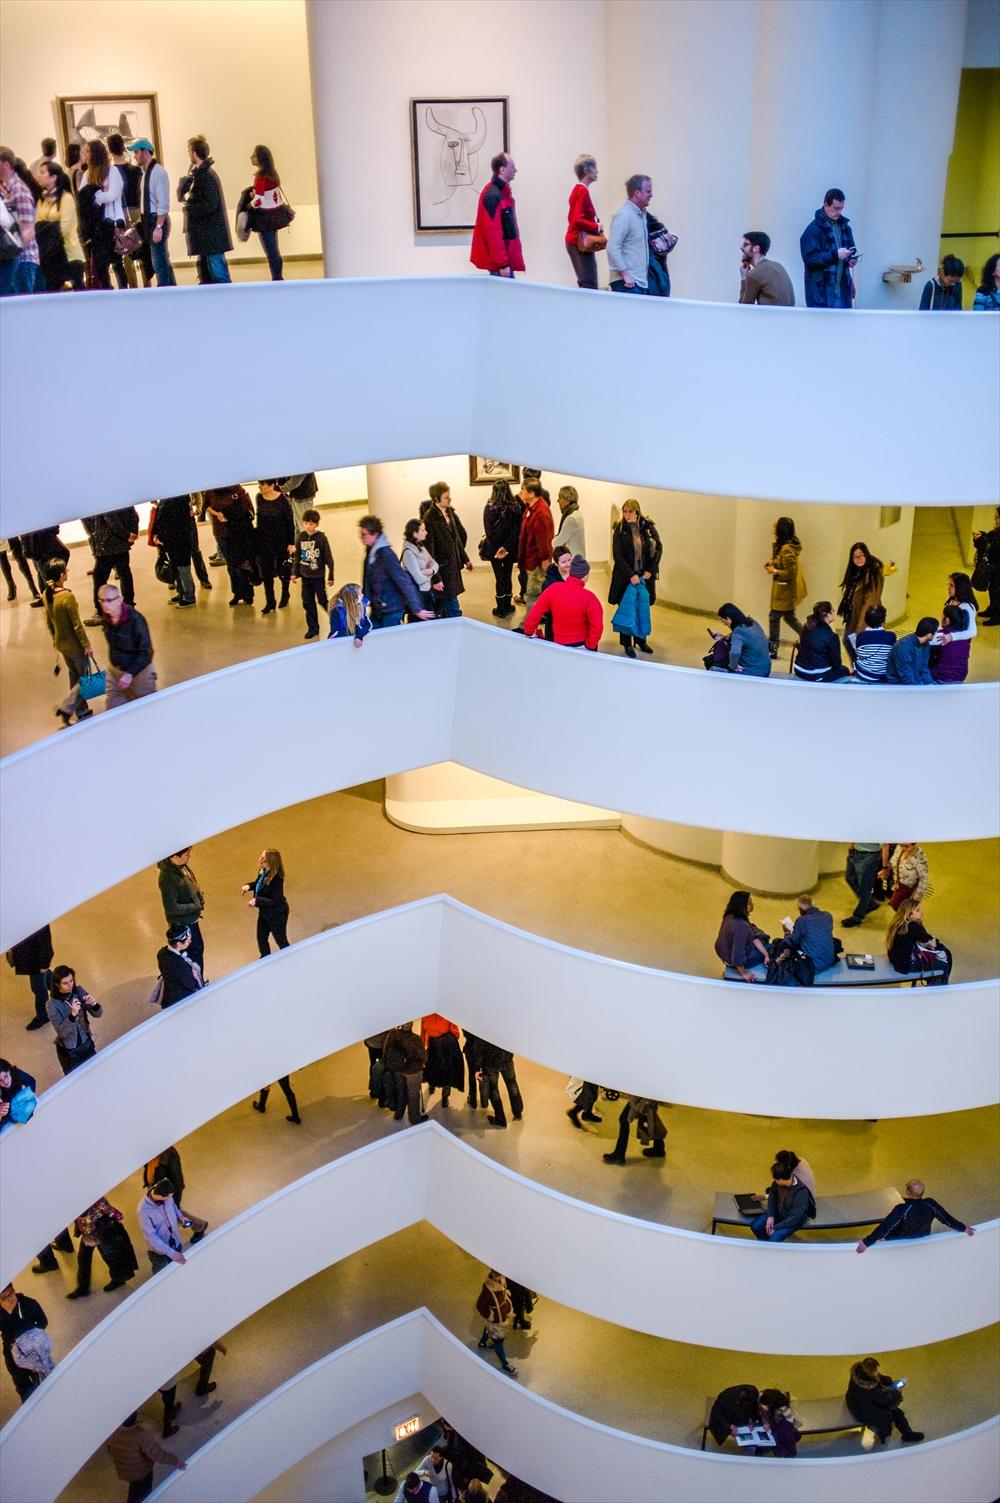 The Guggenheim2